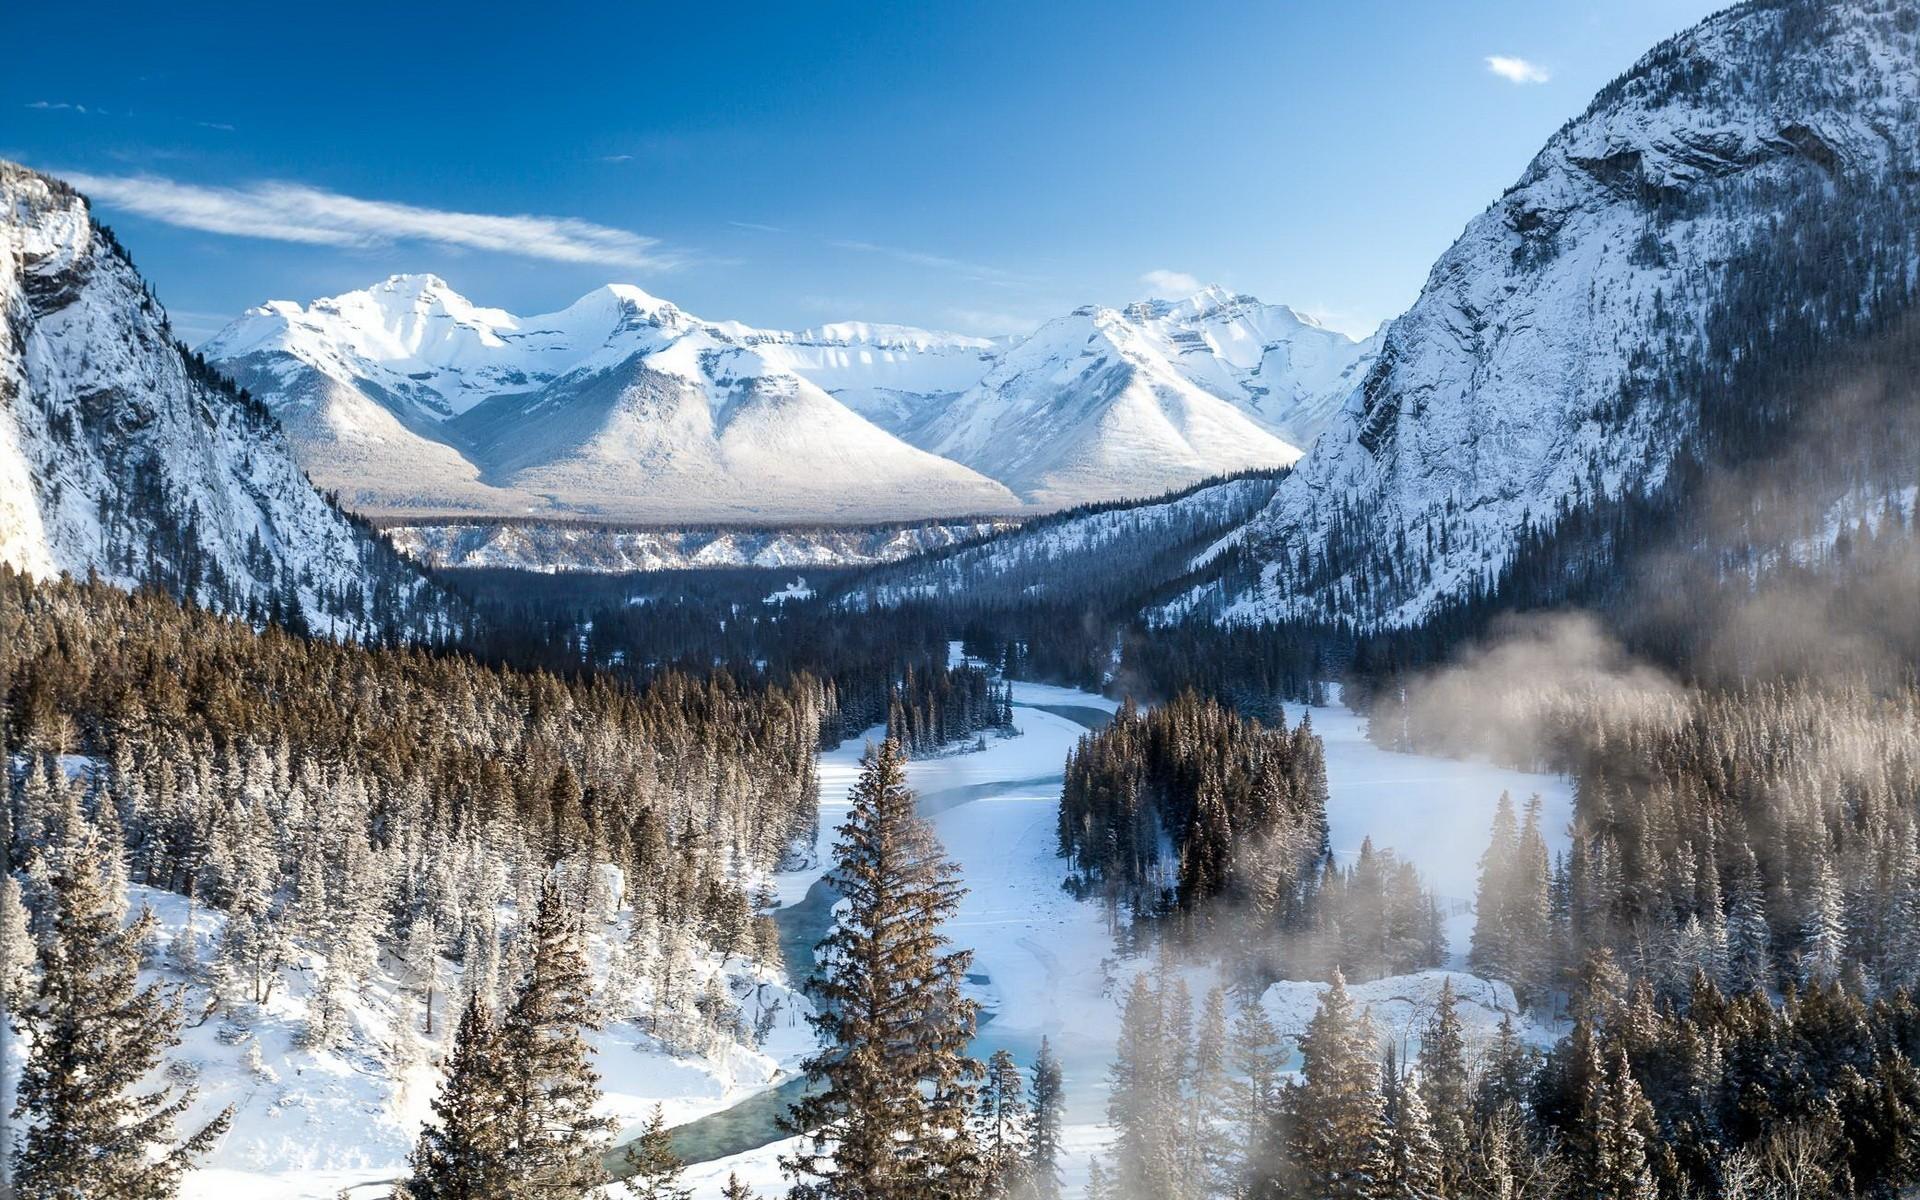 картинка снежные горы россии сходятся мнении, что